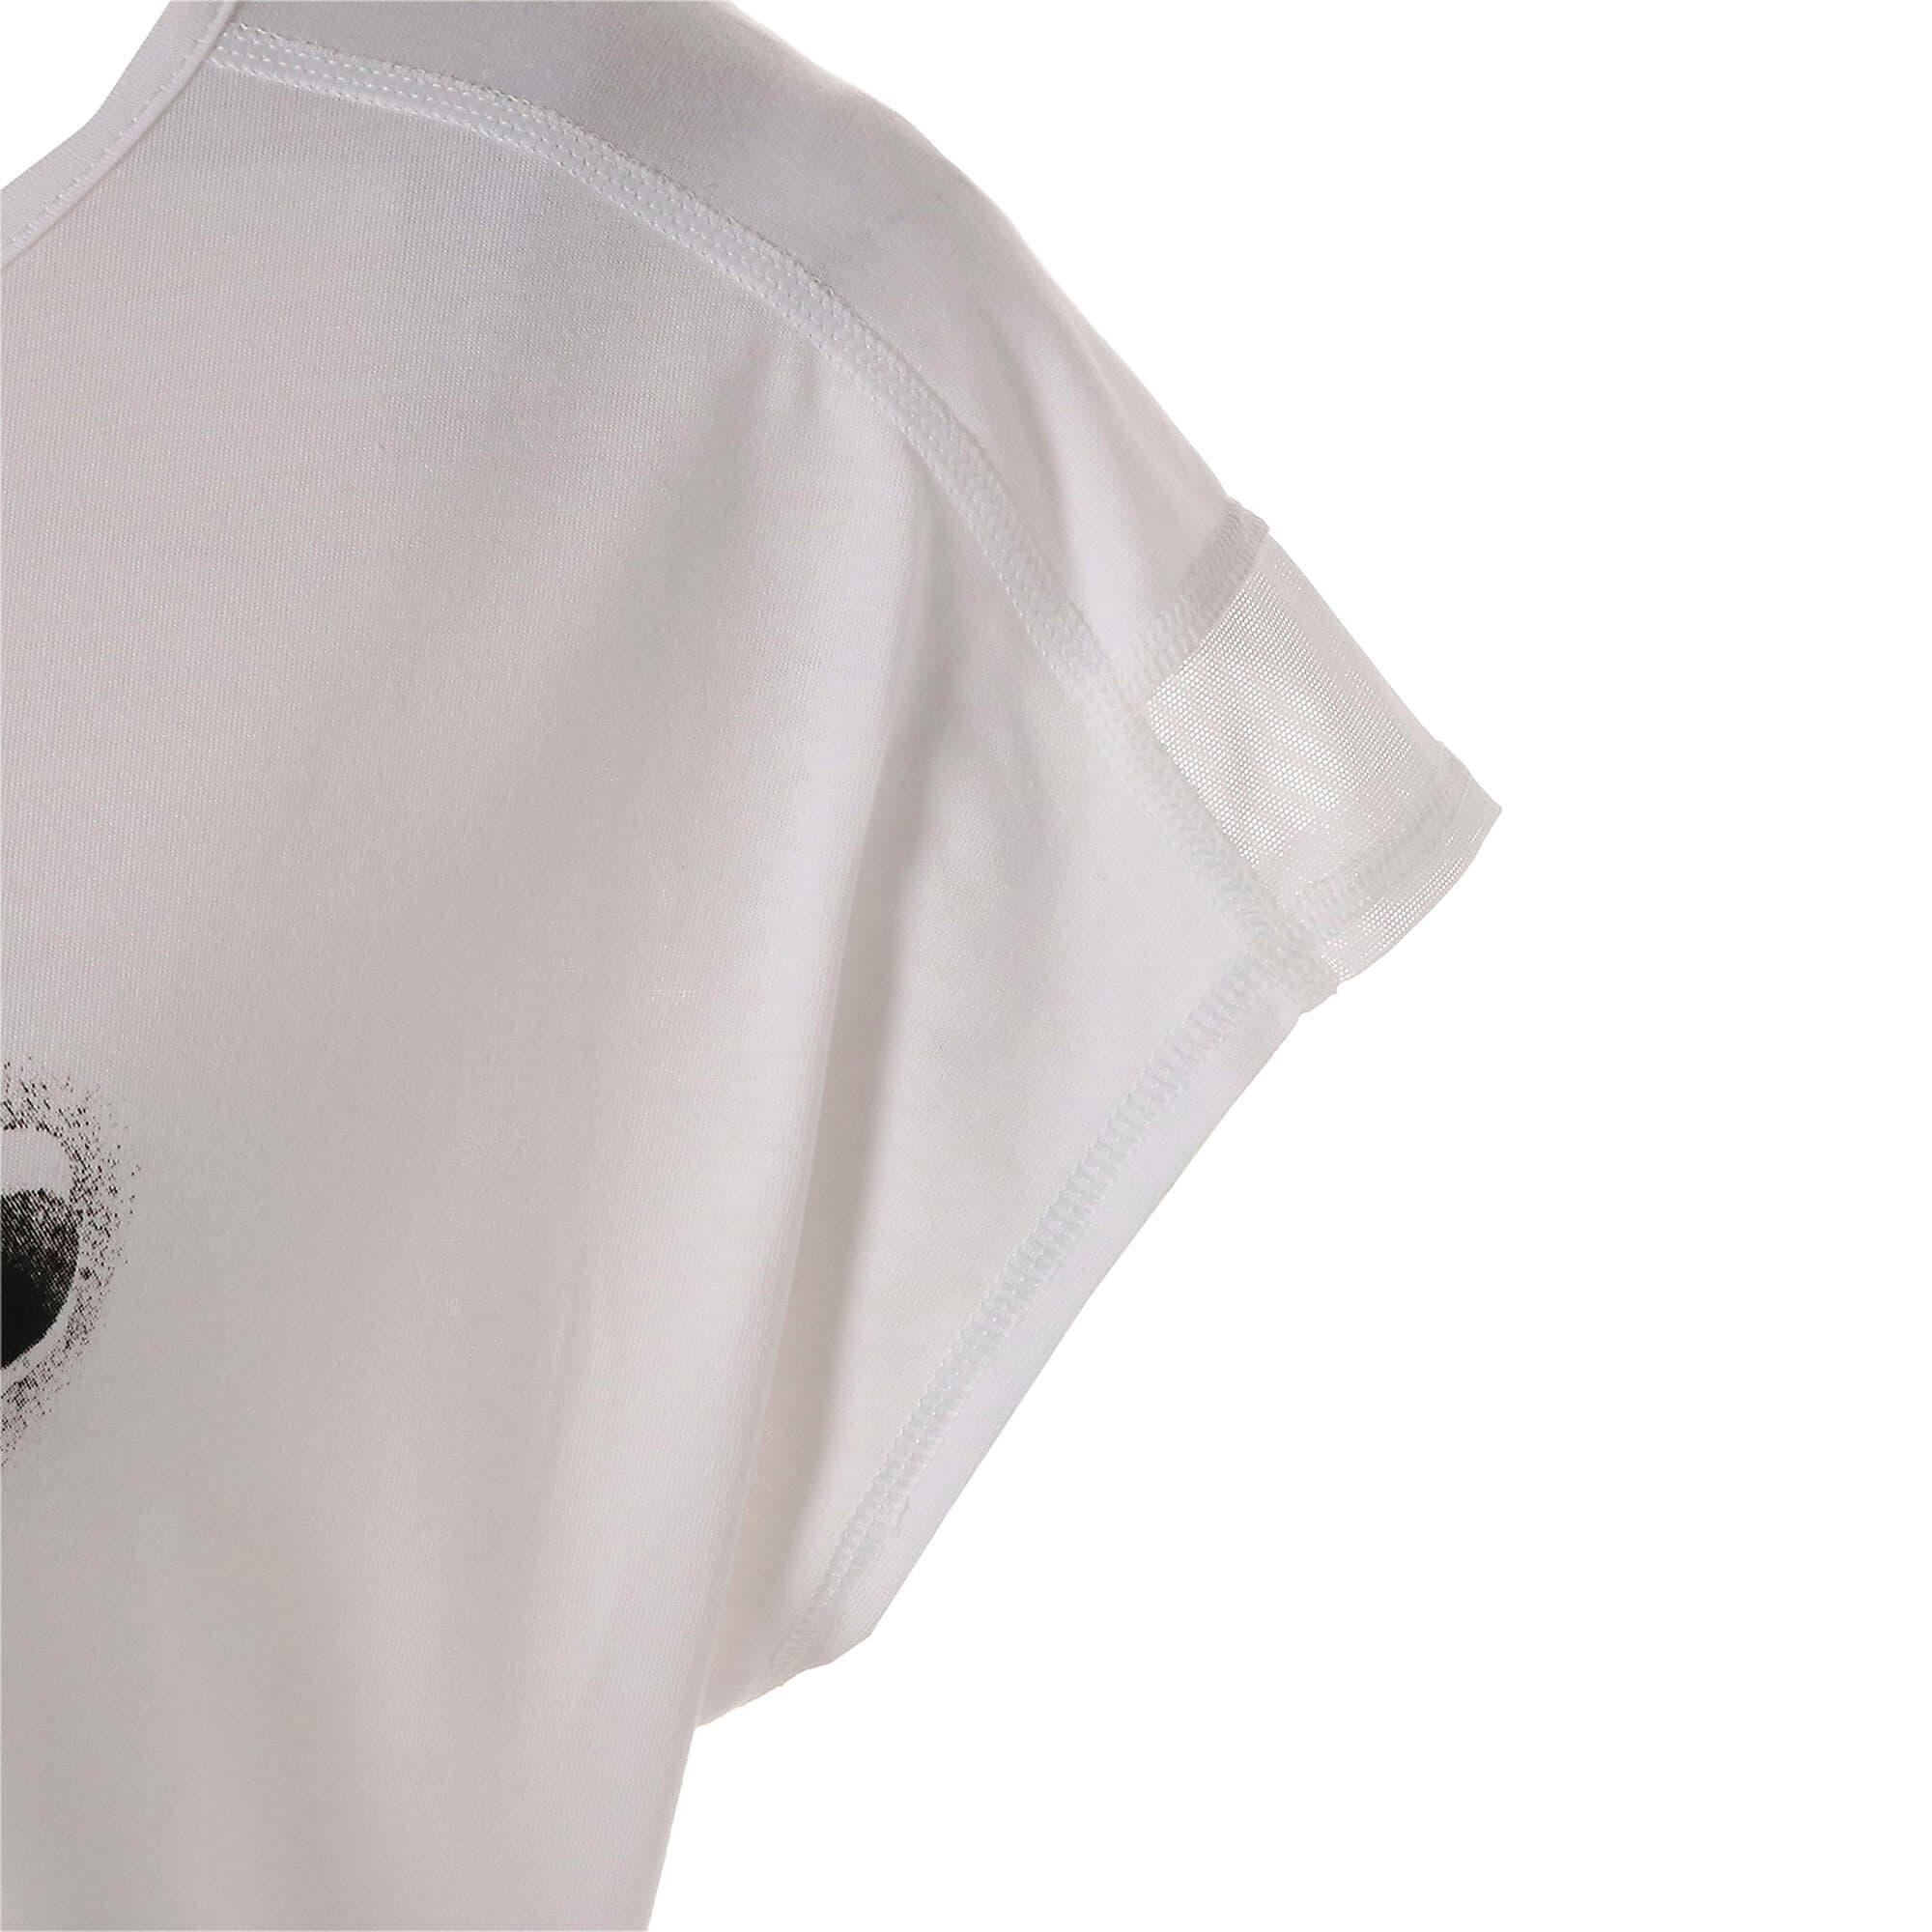 Thumbnail 8 of スタジオ SS ウィメンズ トレーニング メッシュ キャット Tシャツ 半袖, Puma White, medium-JPN